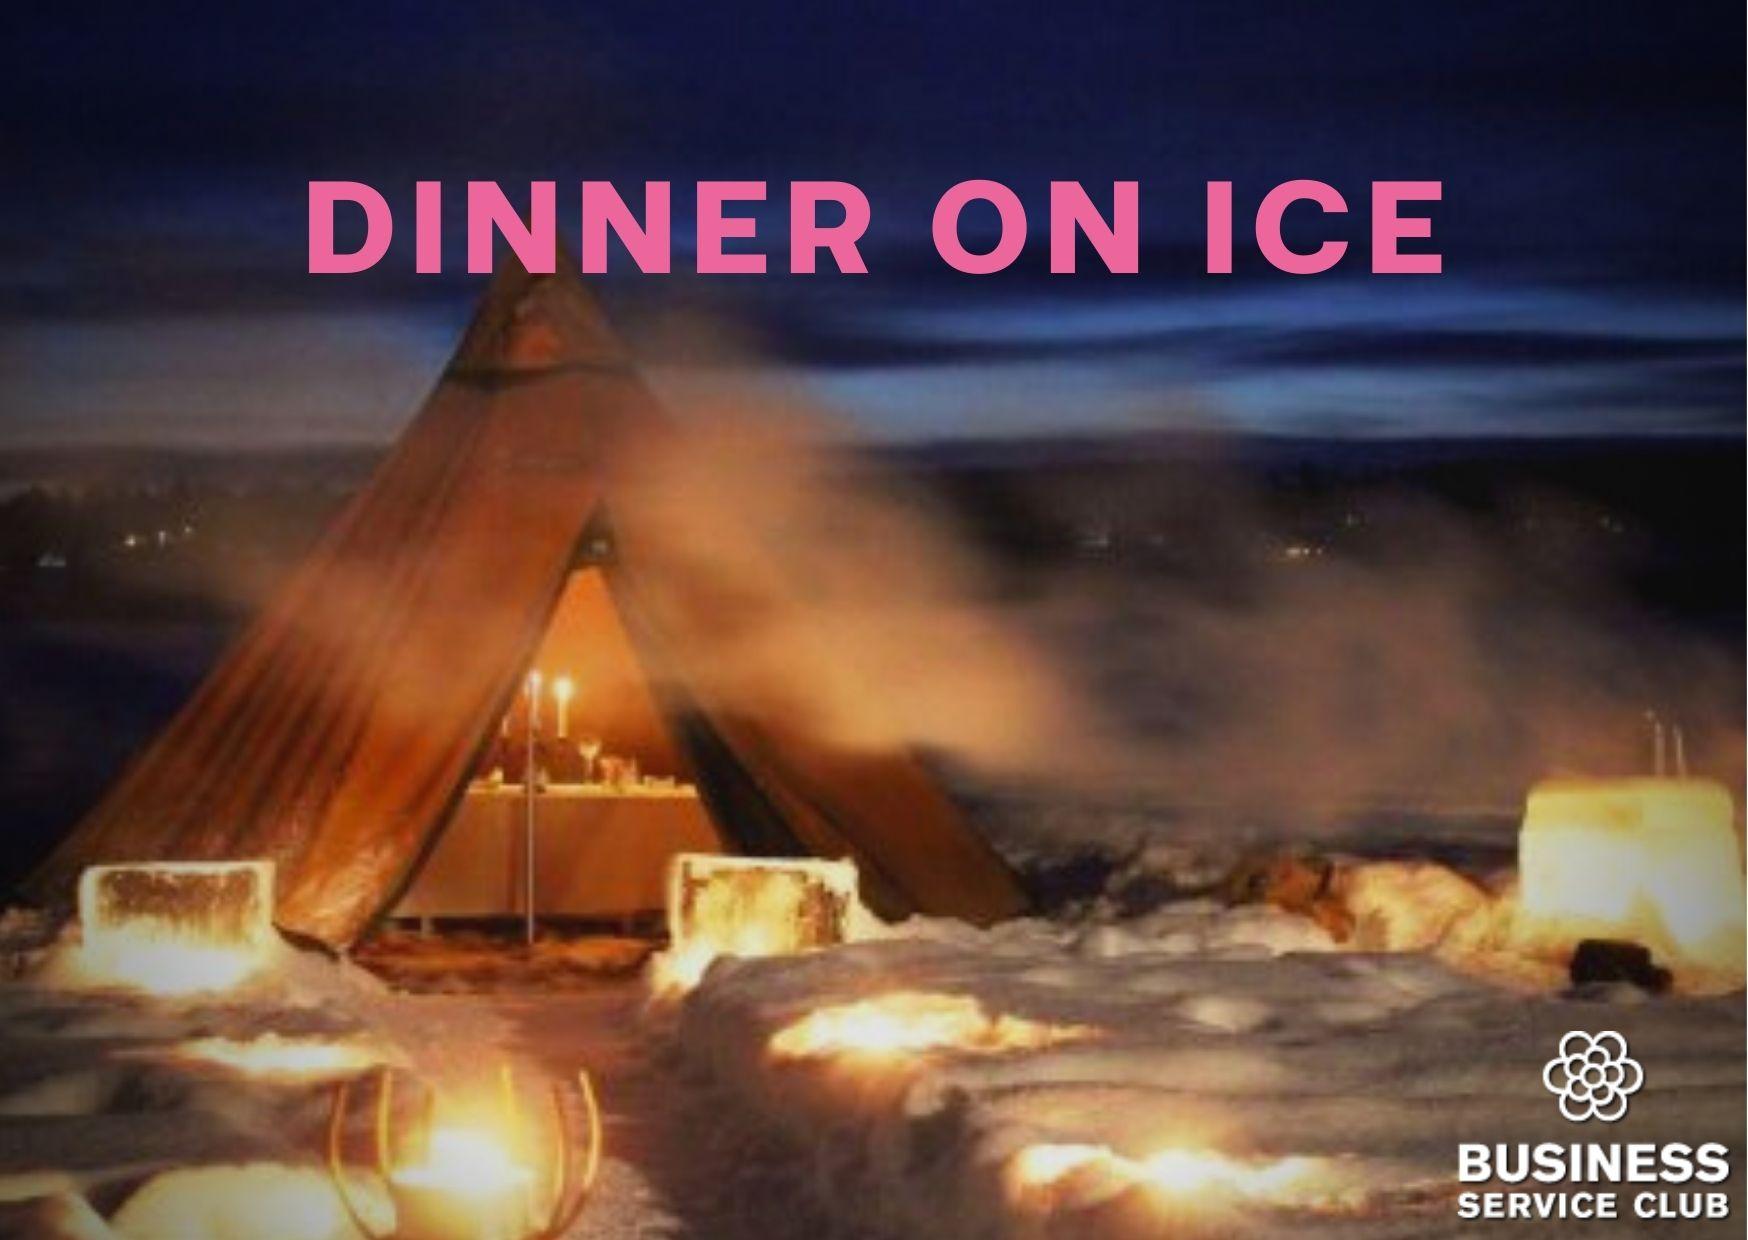 Dinner on ice - ät maten ute på isen!